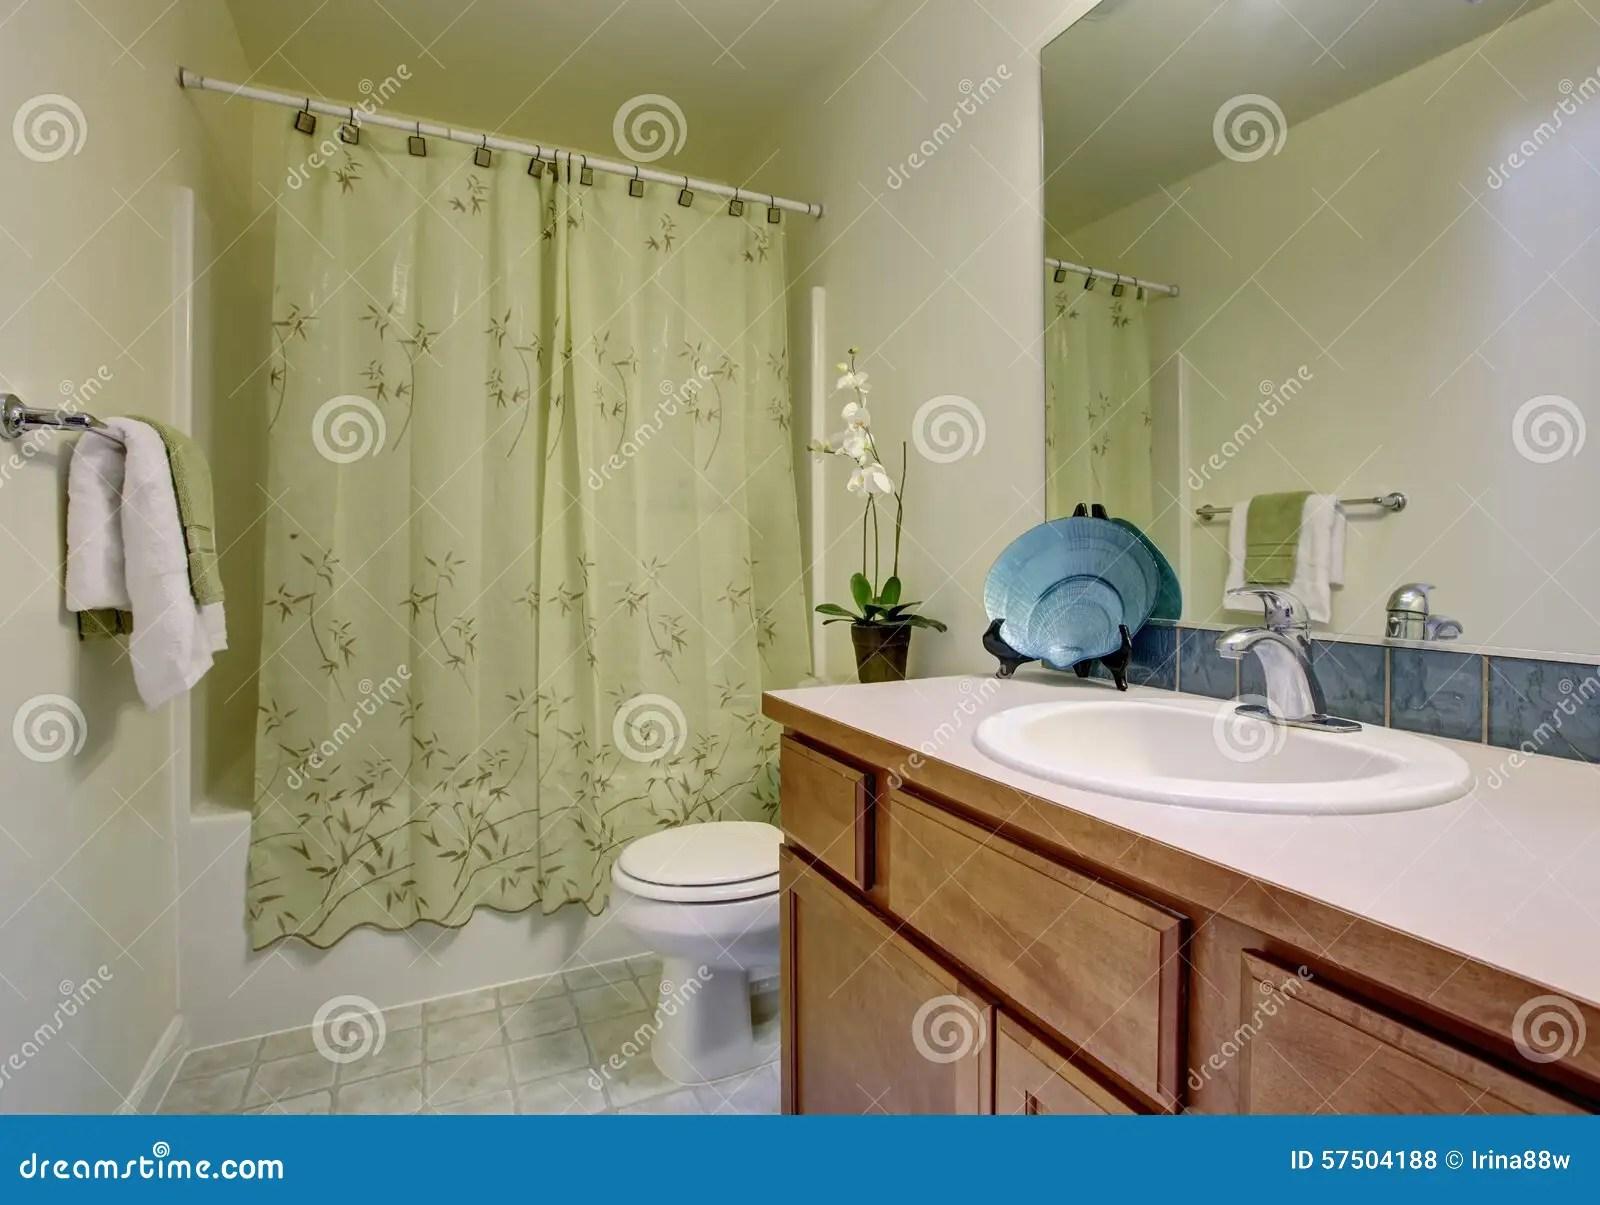 Design bagno verde marmo bianco scuro verde loft bagno con